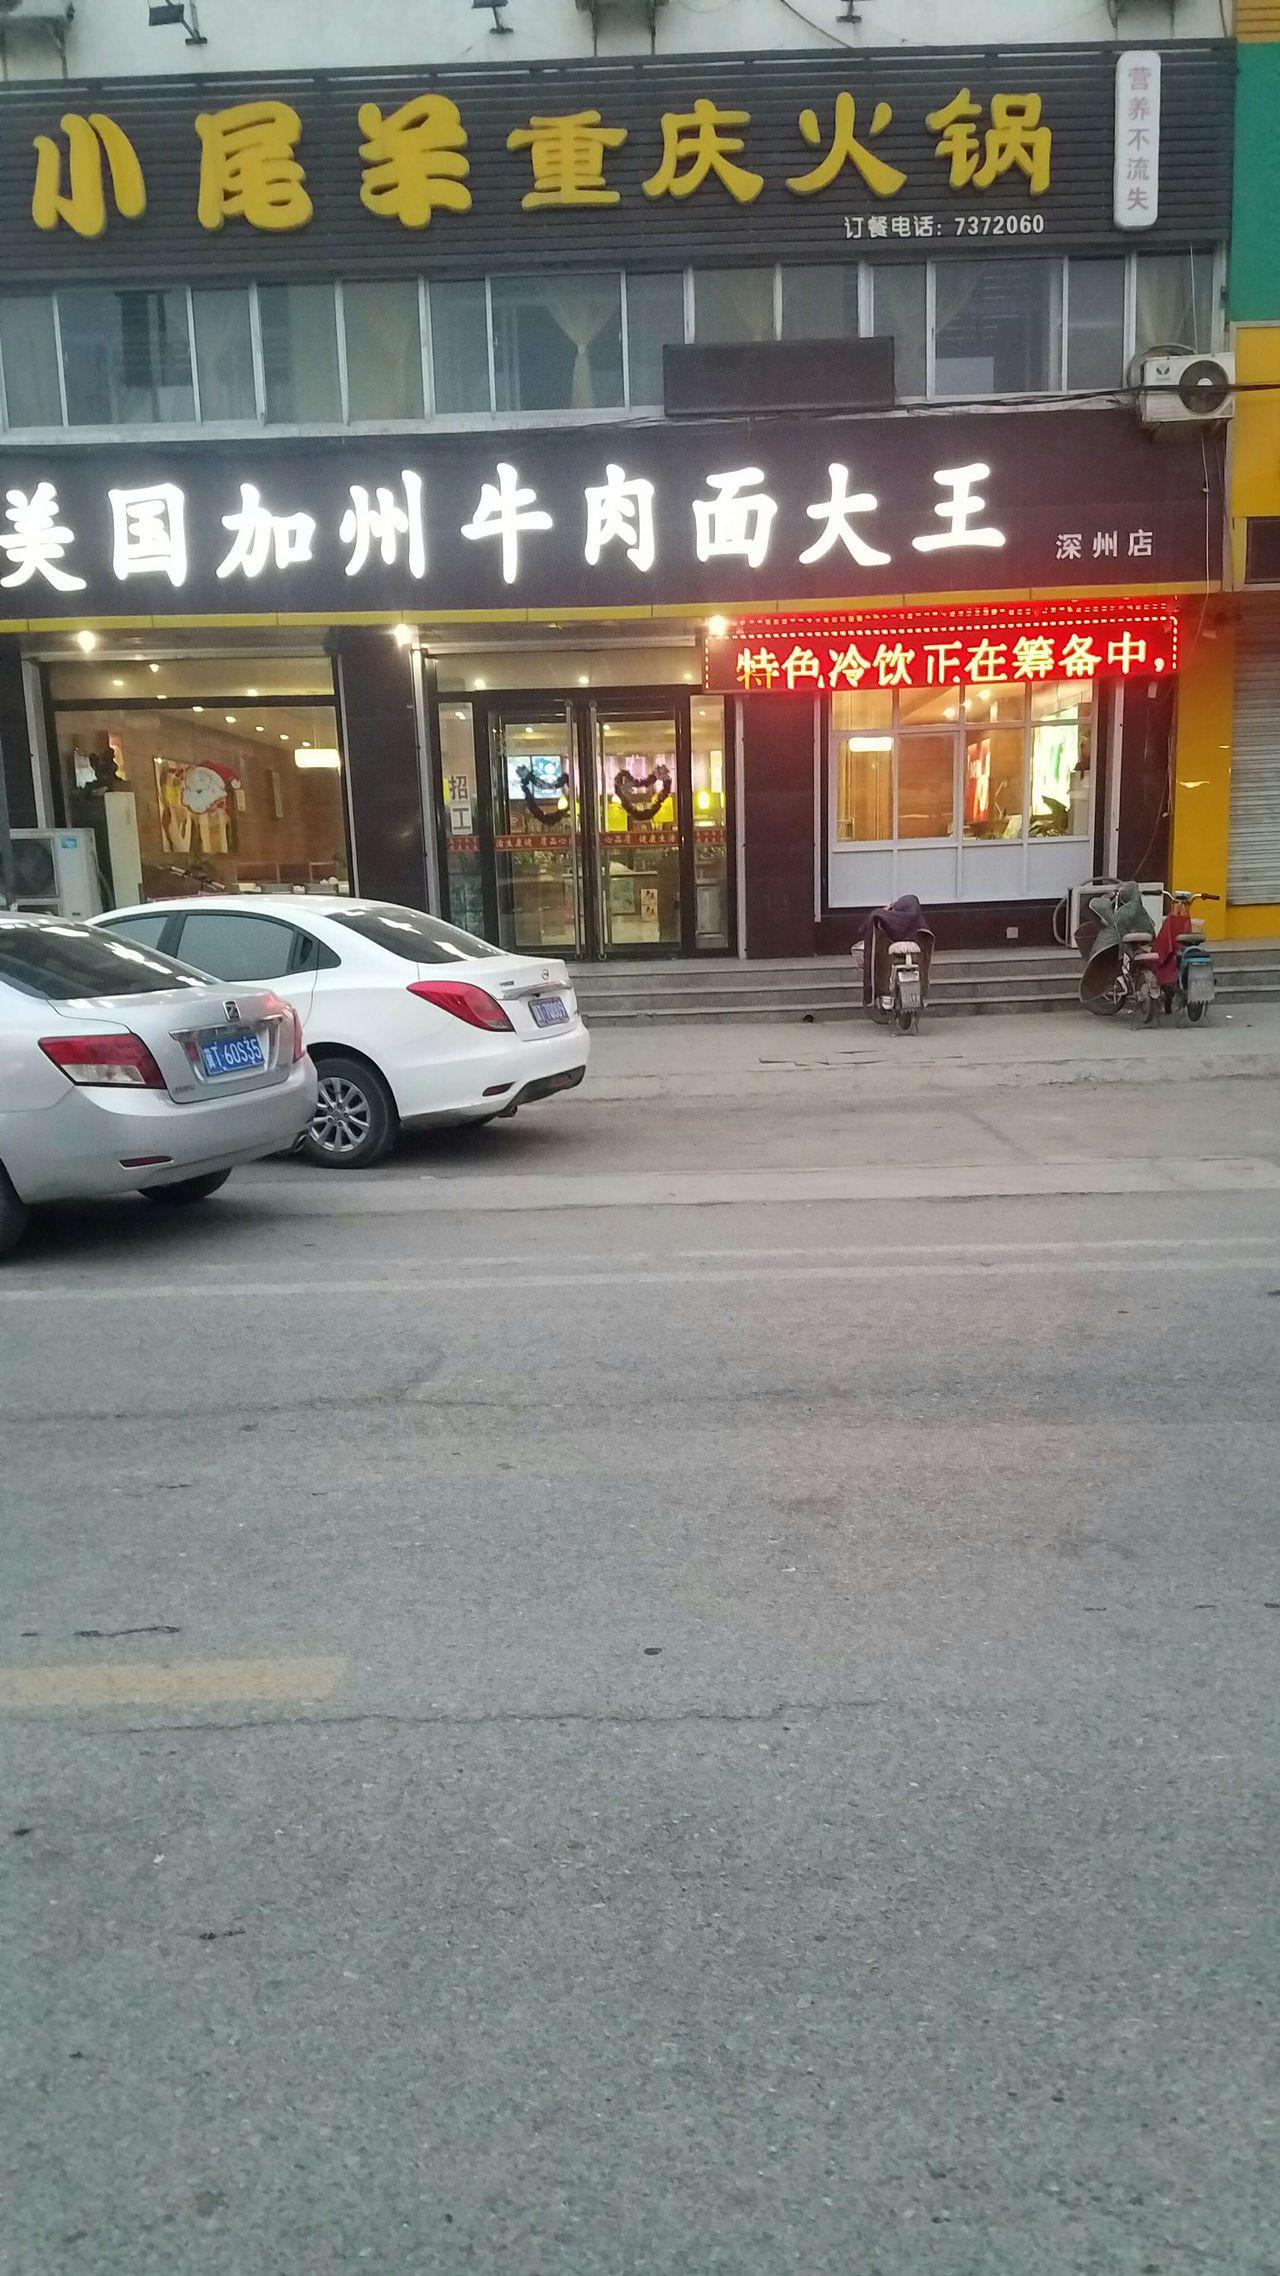 北京王丽农家院饭庄